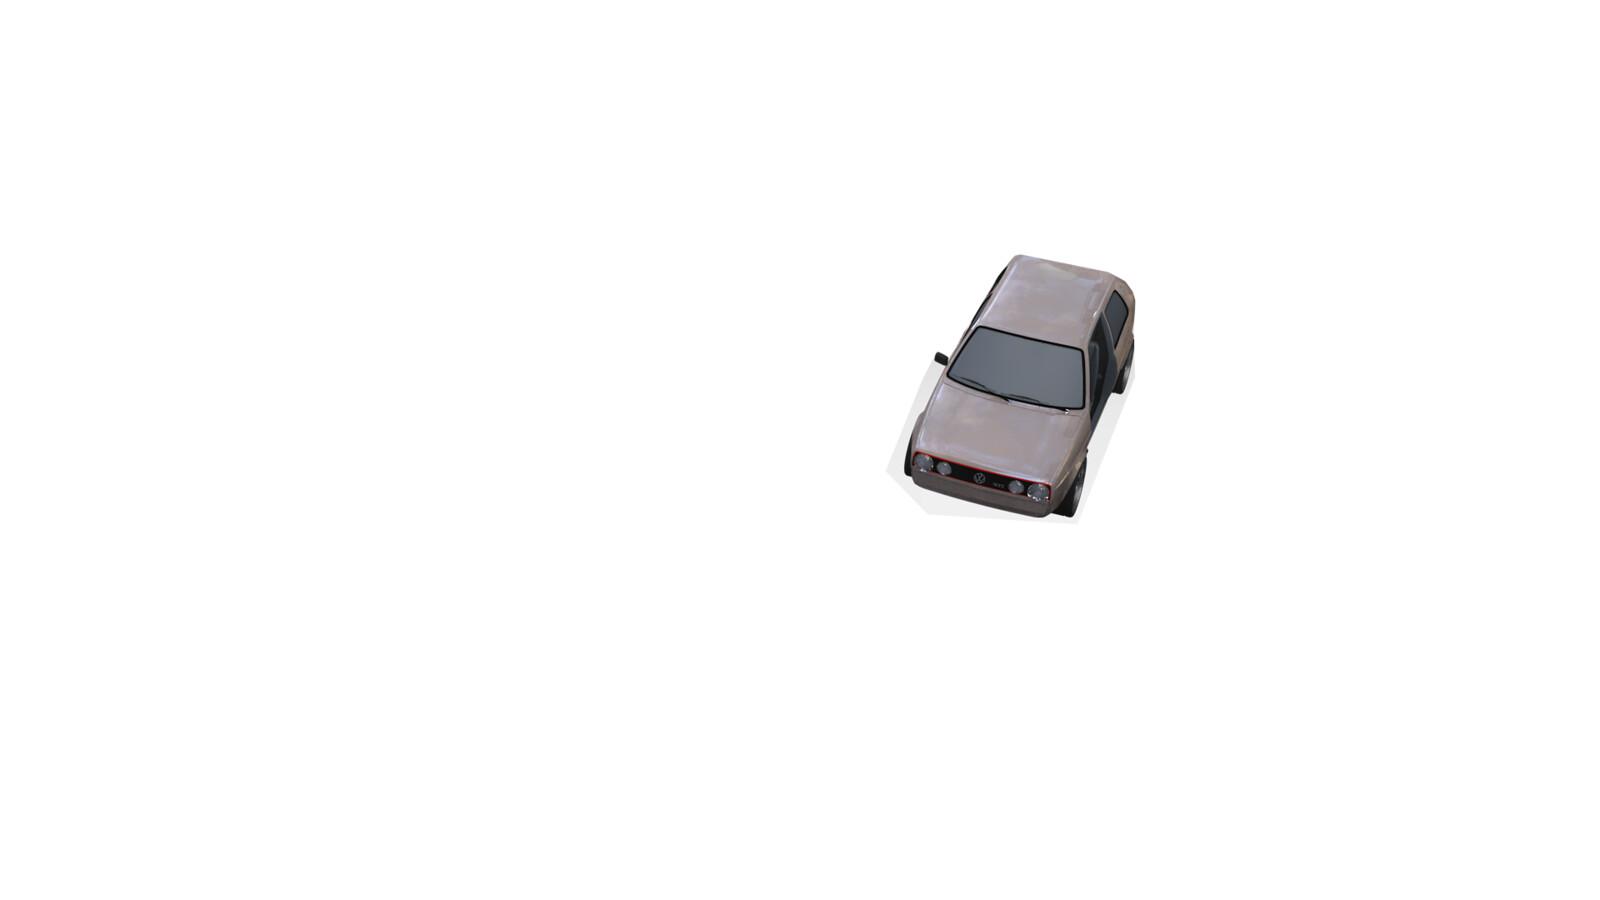 visuel second plan voiture 02